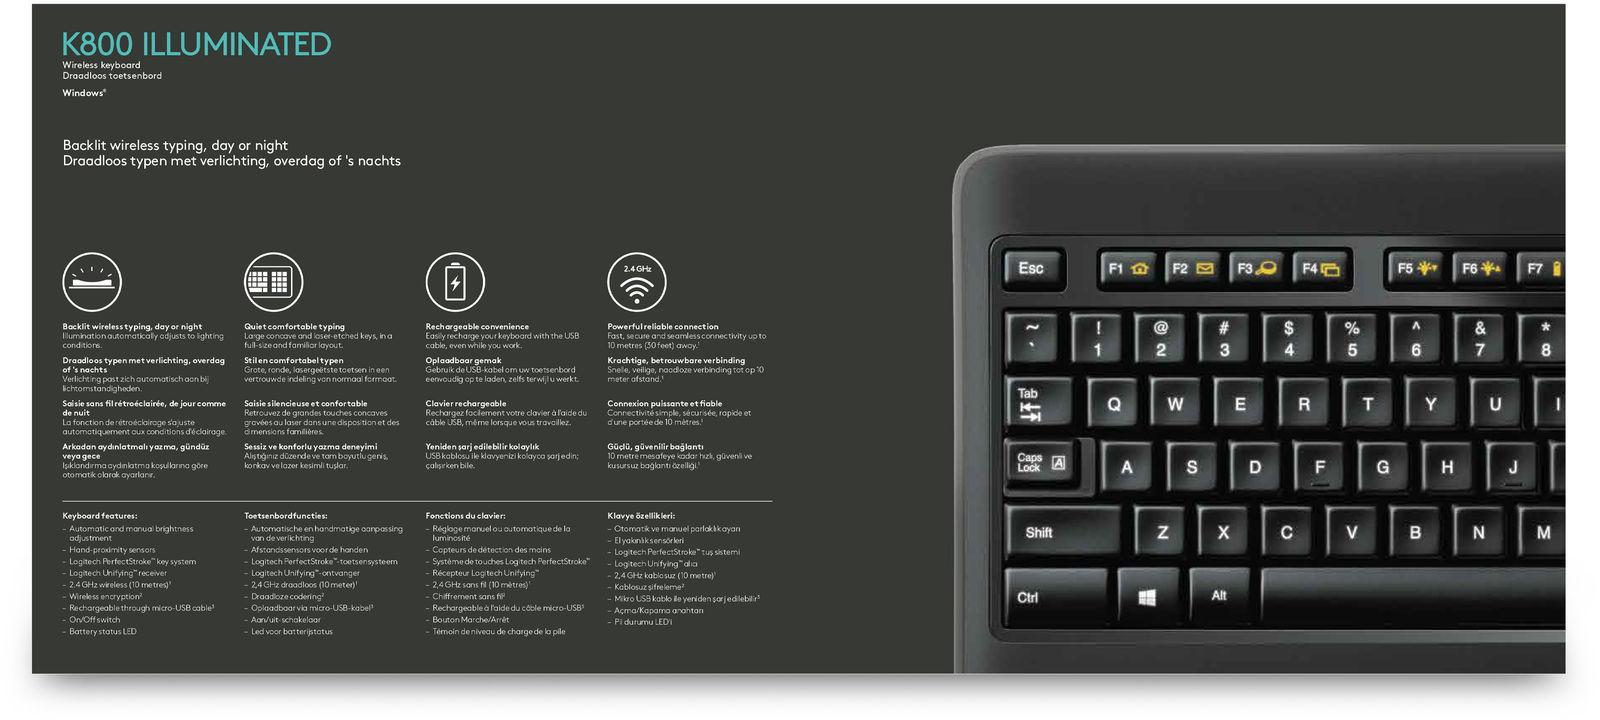 Logitech K800 Wireless Illuminated Keyboard image